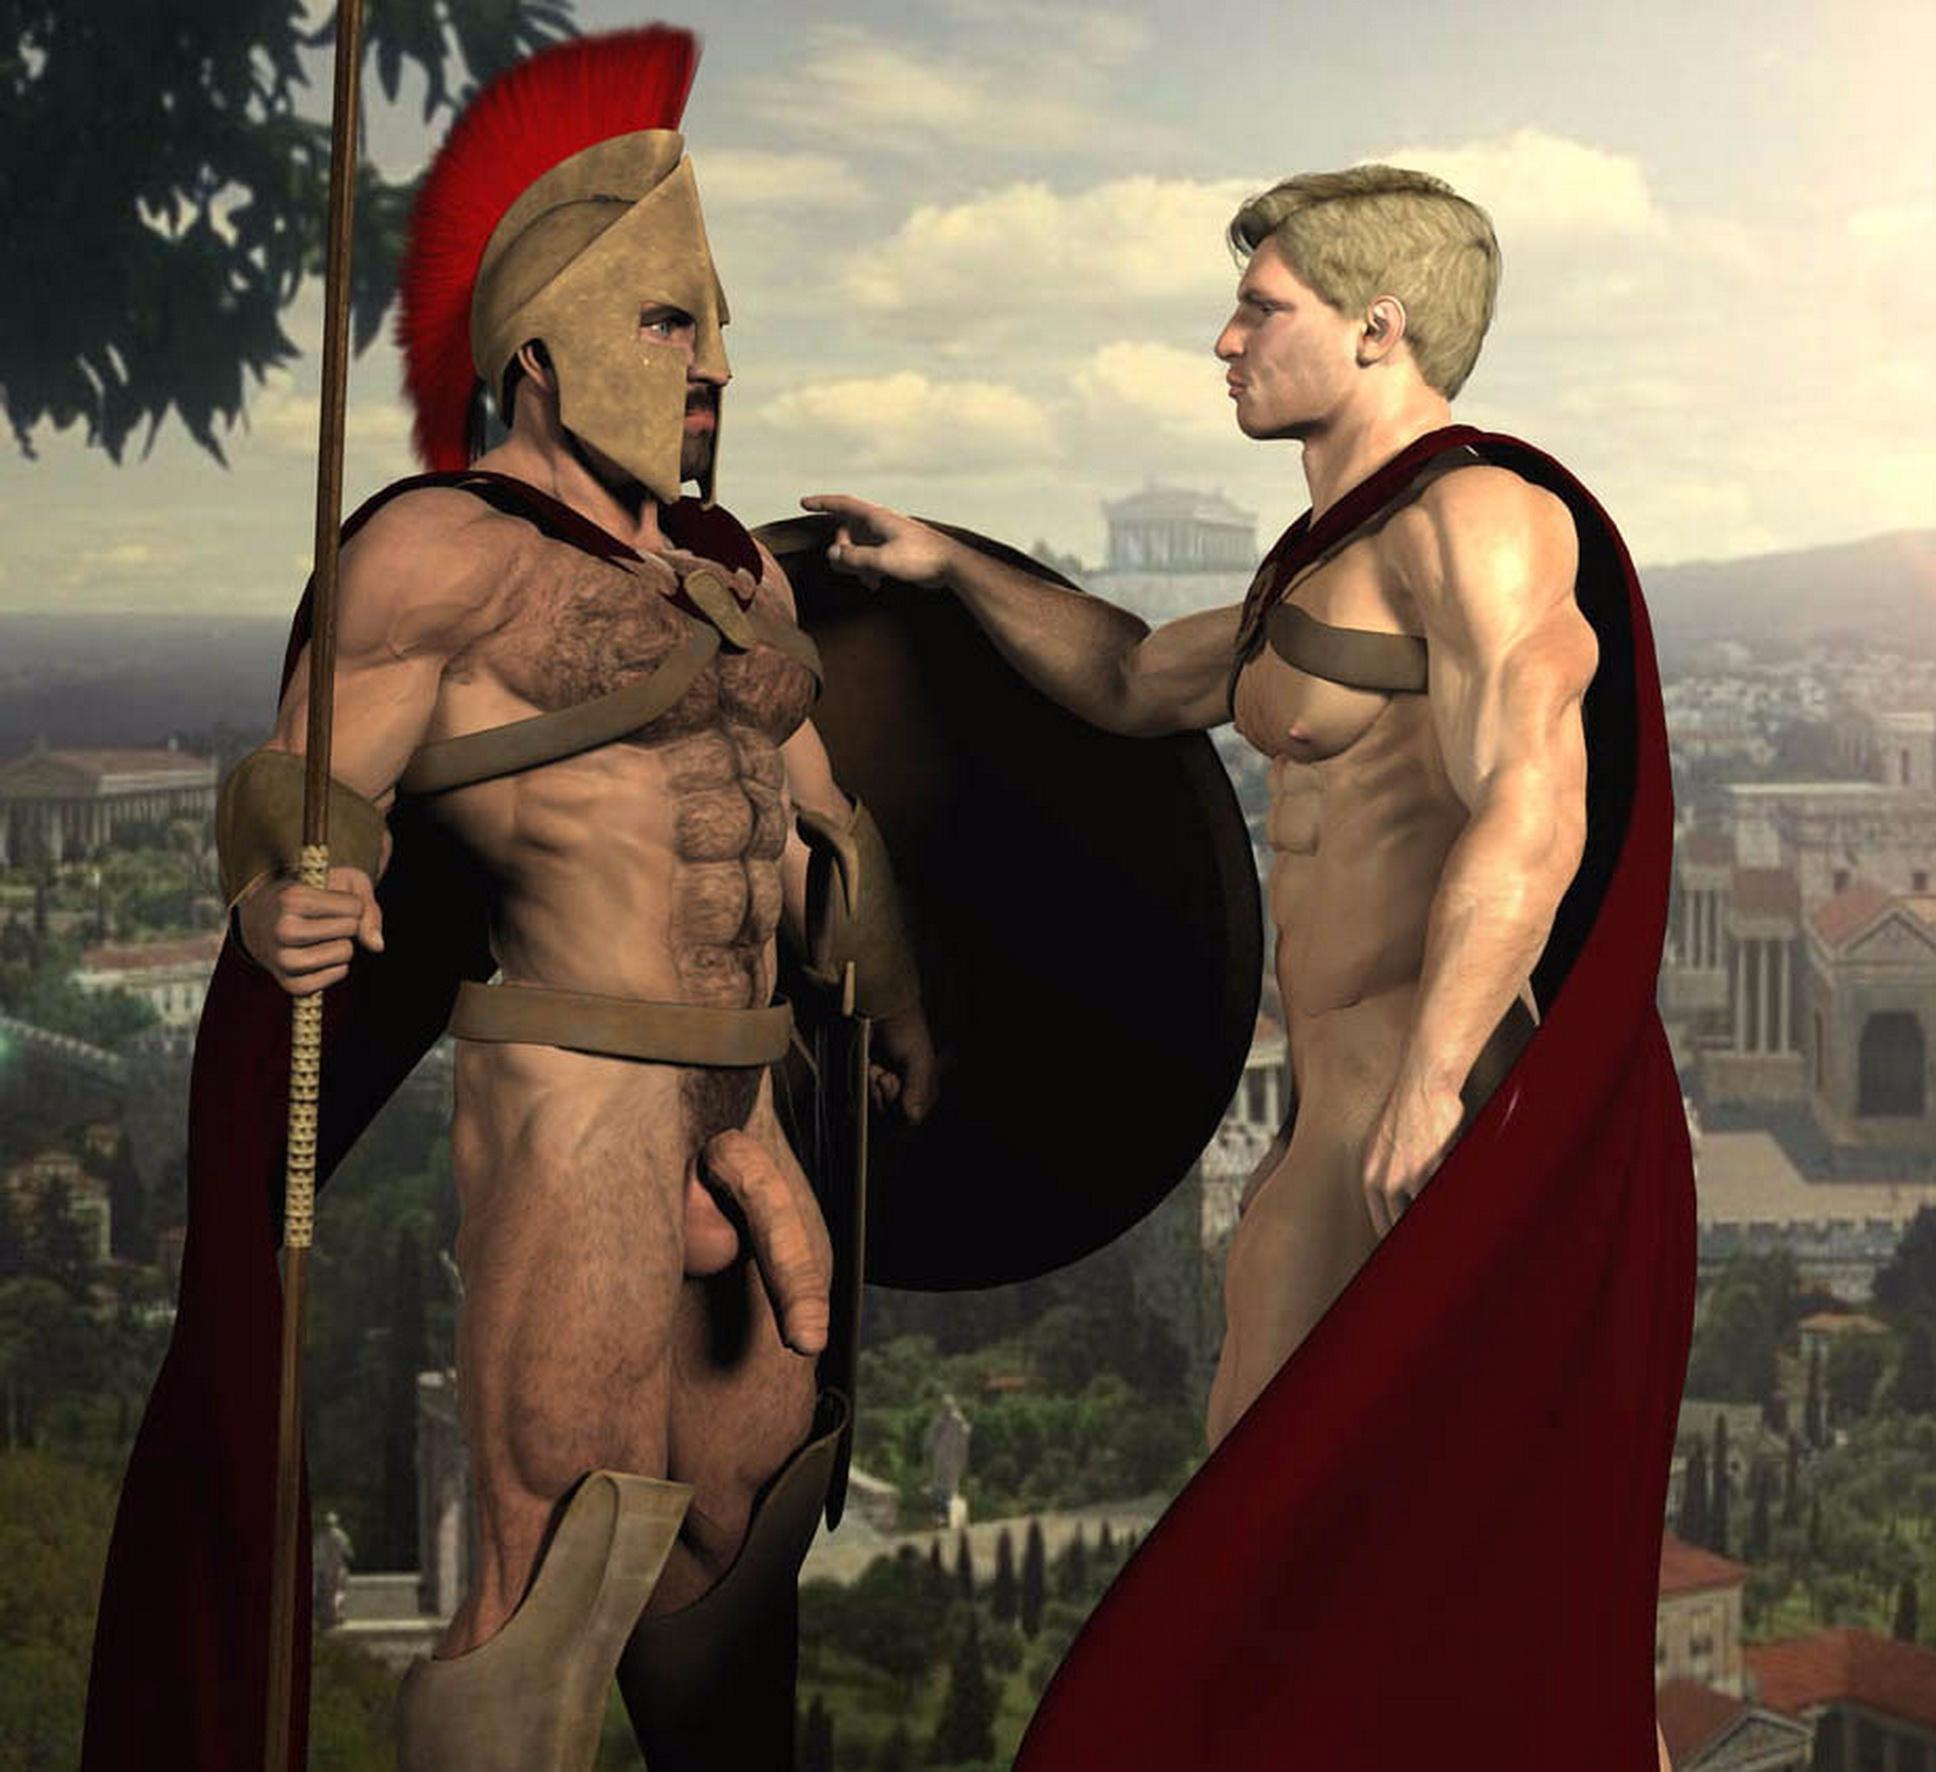 как спартанцы занимались сексом